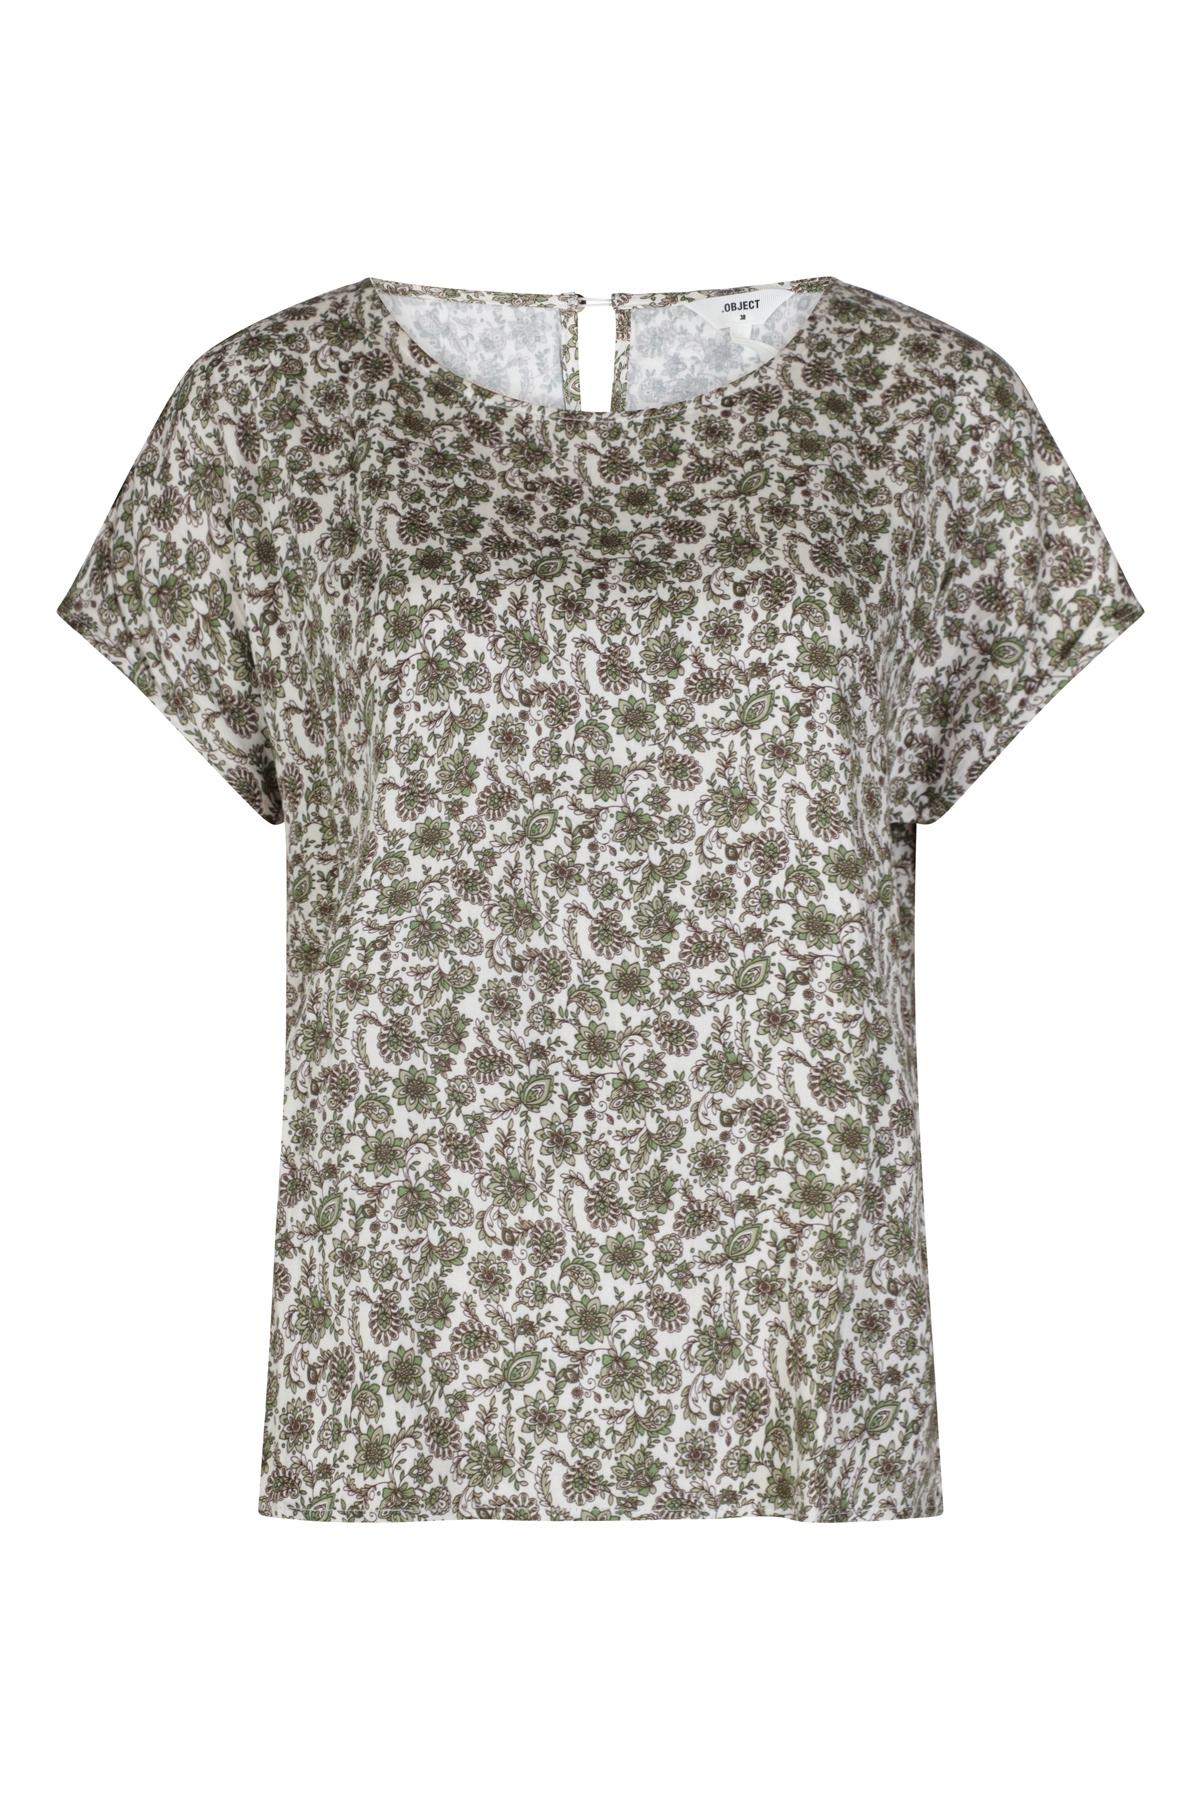 Object Shirt - Top Ecru 23032531